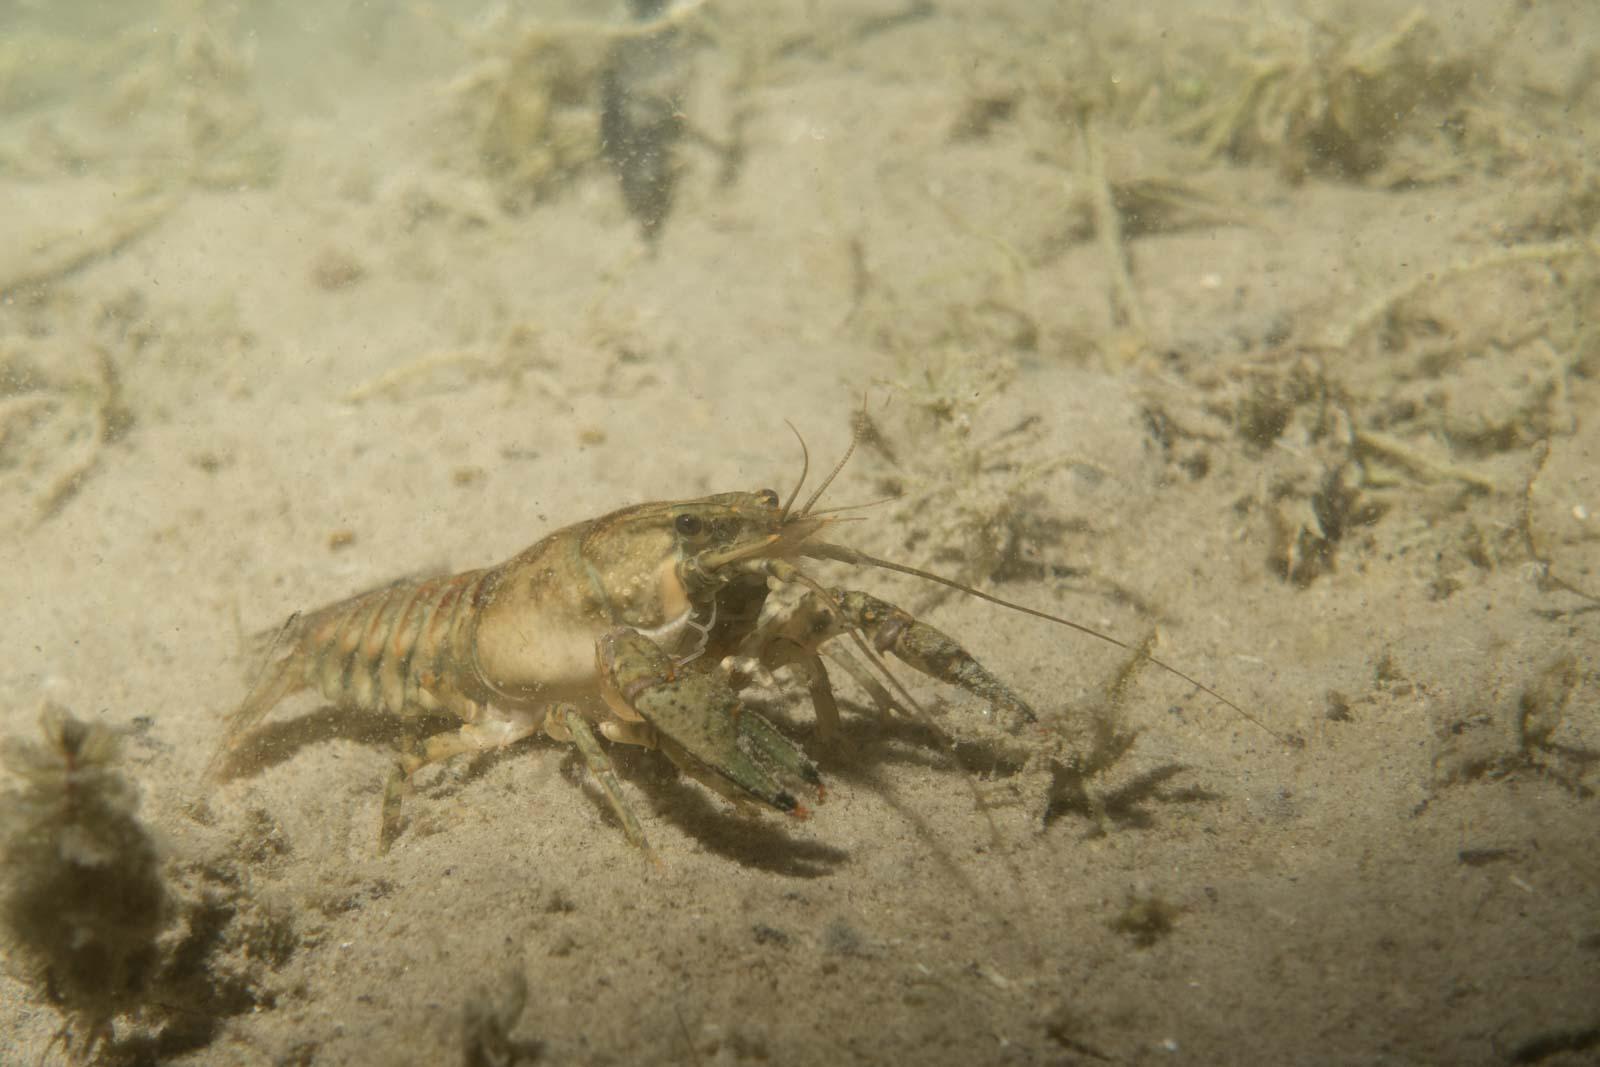 Bildbearbeitung Unterwasserfotografie Tauchen - Süßwasser Kamberkrebs Vorher-Nachher